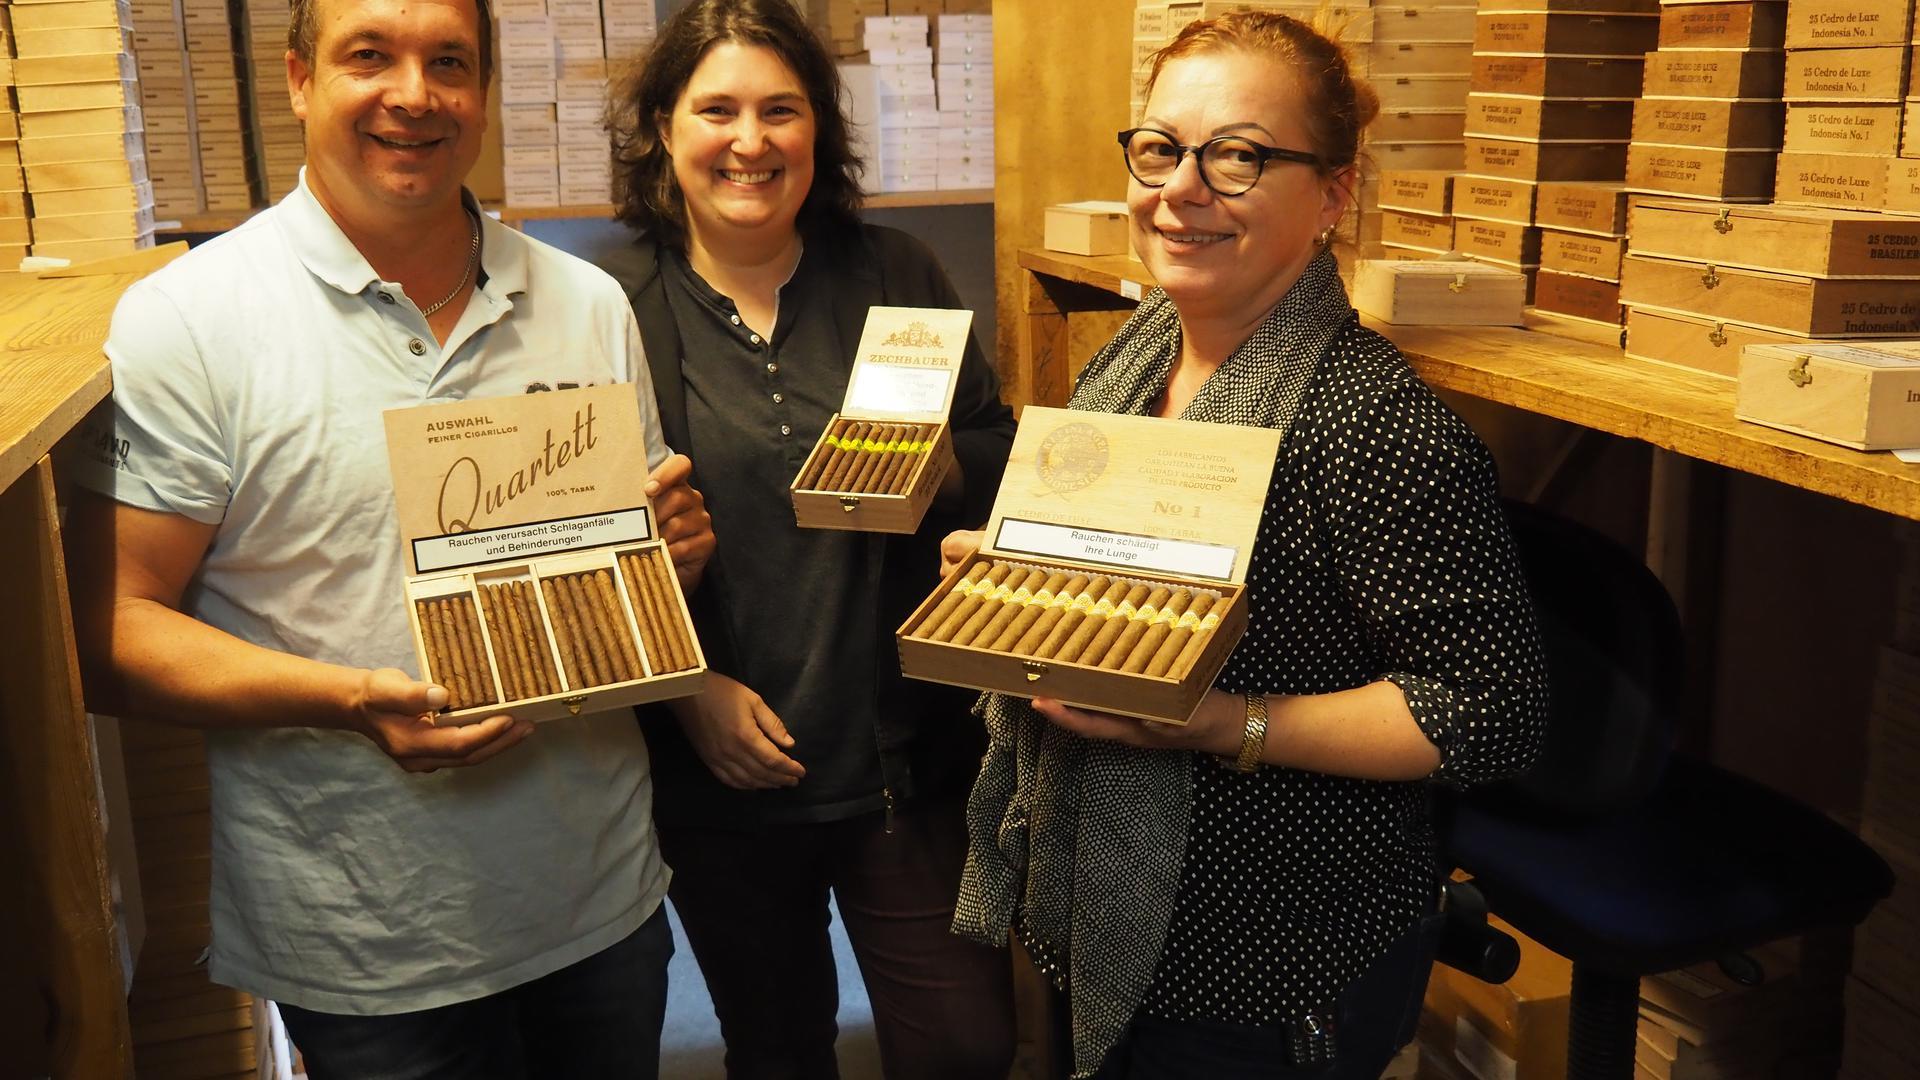 Klaus Kleinlagel, Corinne Kaufmann und Martina Kleinlagel (von links) vom Zigarren-Großhandel in Obergrombach